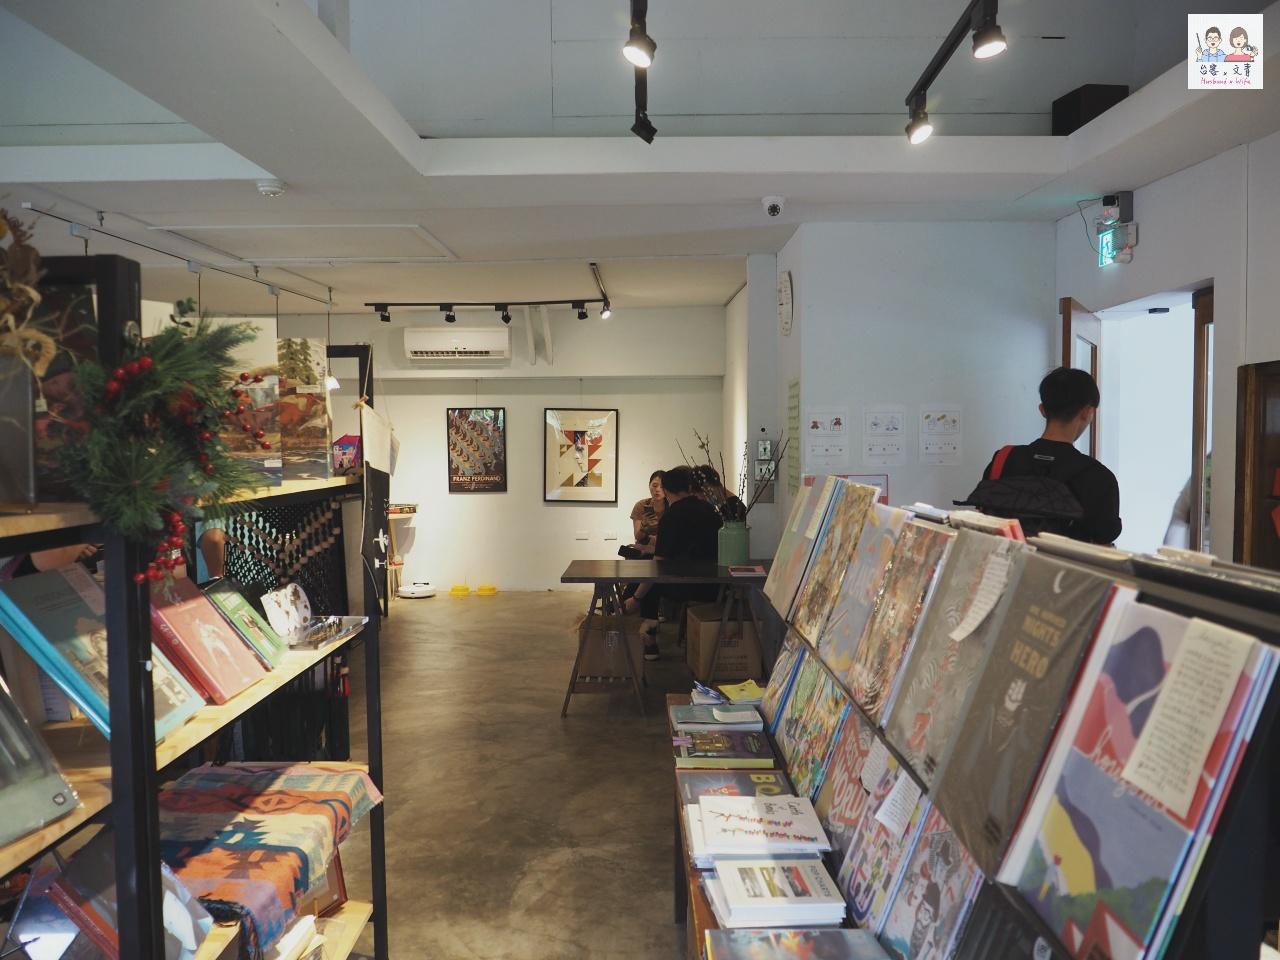 【台北⋈咖啡】開至深夜的繪本咖啡店「生活在他方-夜貓店」 在山林裡眺望夜景和星空 @台客X文青的夫婦日常